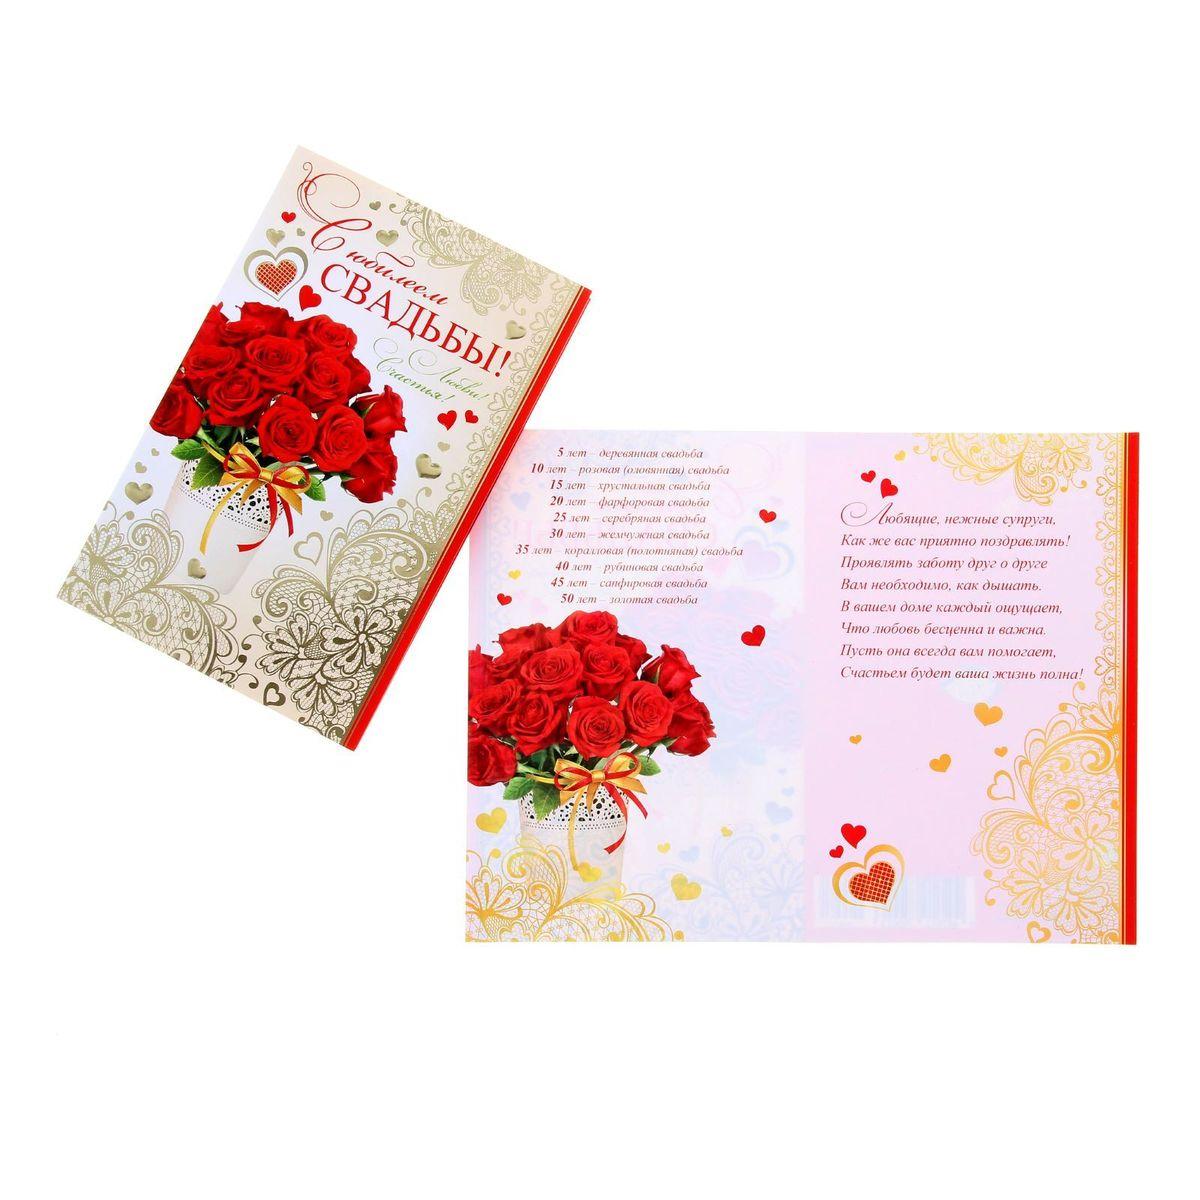 Открытка Мир открыток С юбилеем свадьбы! Розы в вазе74-0120Если вы хотите порадовать себя или близких, создать праздничное настроение и с улыбкой провести памятный день, то вы, несомненно, сделали правильный выбор! Открытка Мир открыток С юбилеем свадьбы! Розы в вазе, выполненная из картона, отличается не только оригинальным дизайном, но и высоким качеством.Лицевая сторона изделия оформлена красивым изображением красных роз в вазе и дополнена серебристыми узорами. Внутри открытка содержит текст с поздравлением.Такая открытка непременно порадует получателя и станет отличным напоминанием о проведенном вместе времени.